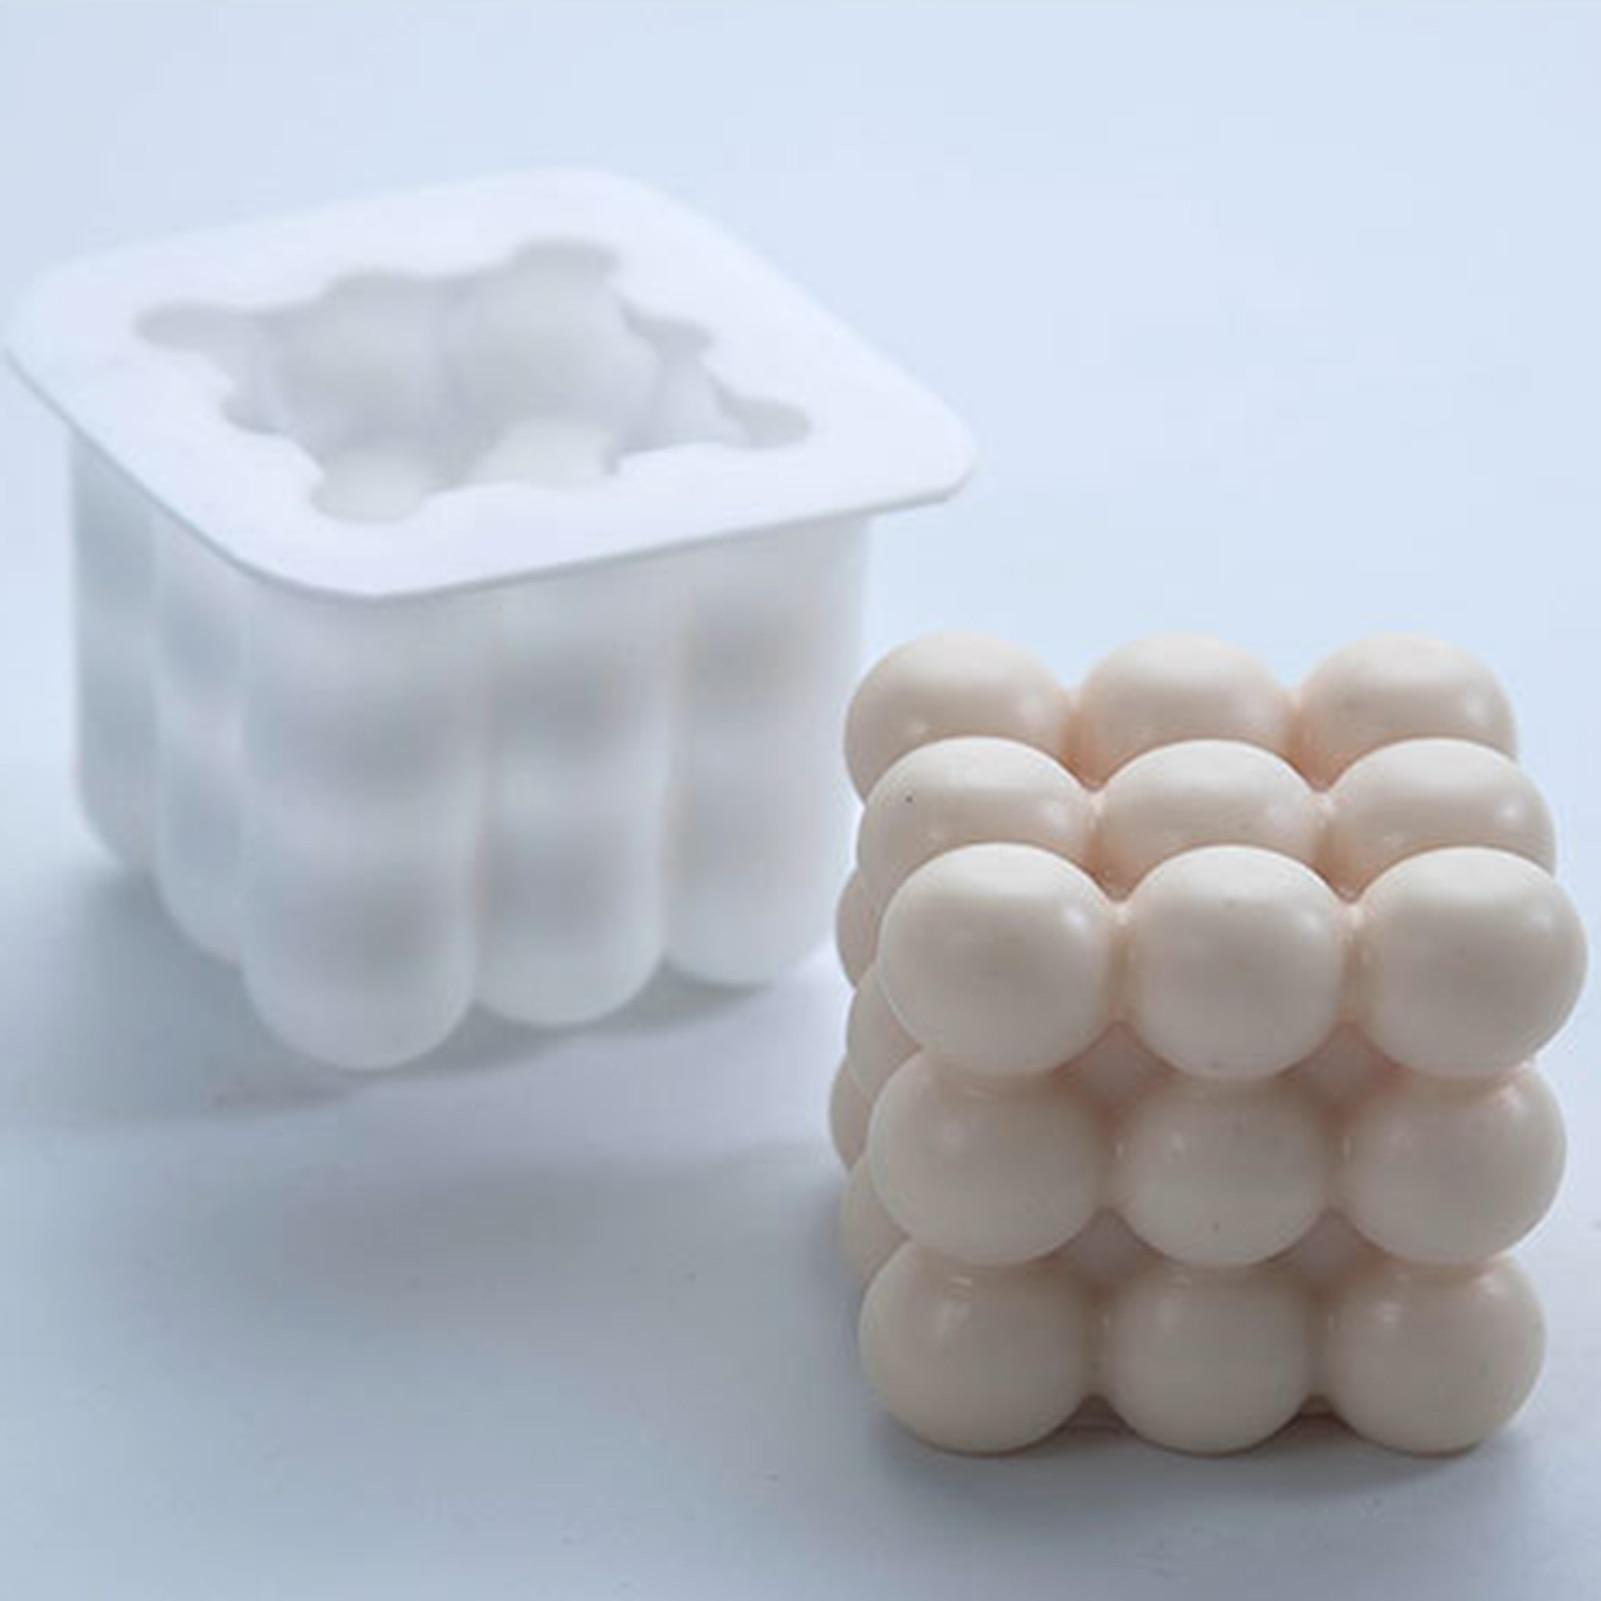 1 pçs 3d estereoscópico silicone moldes de vela diy artesanal scented vela molde resina cola epoxy gesso vela que faz moldes de bolo molde